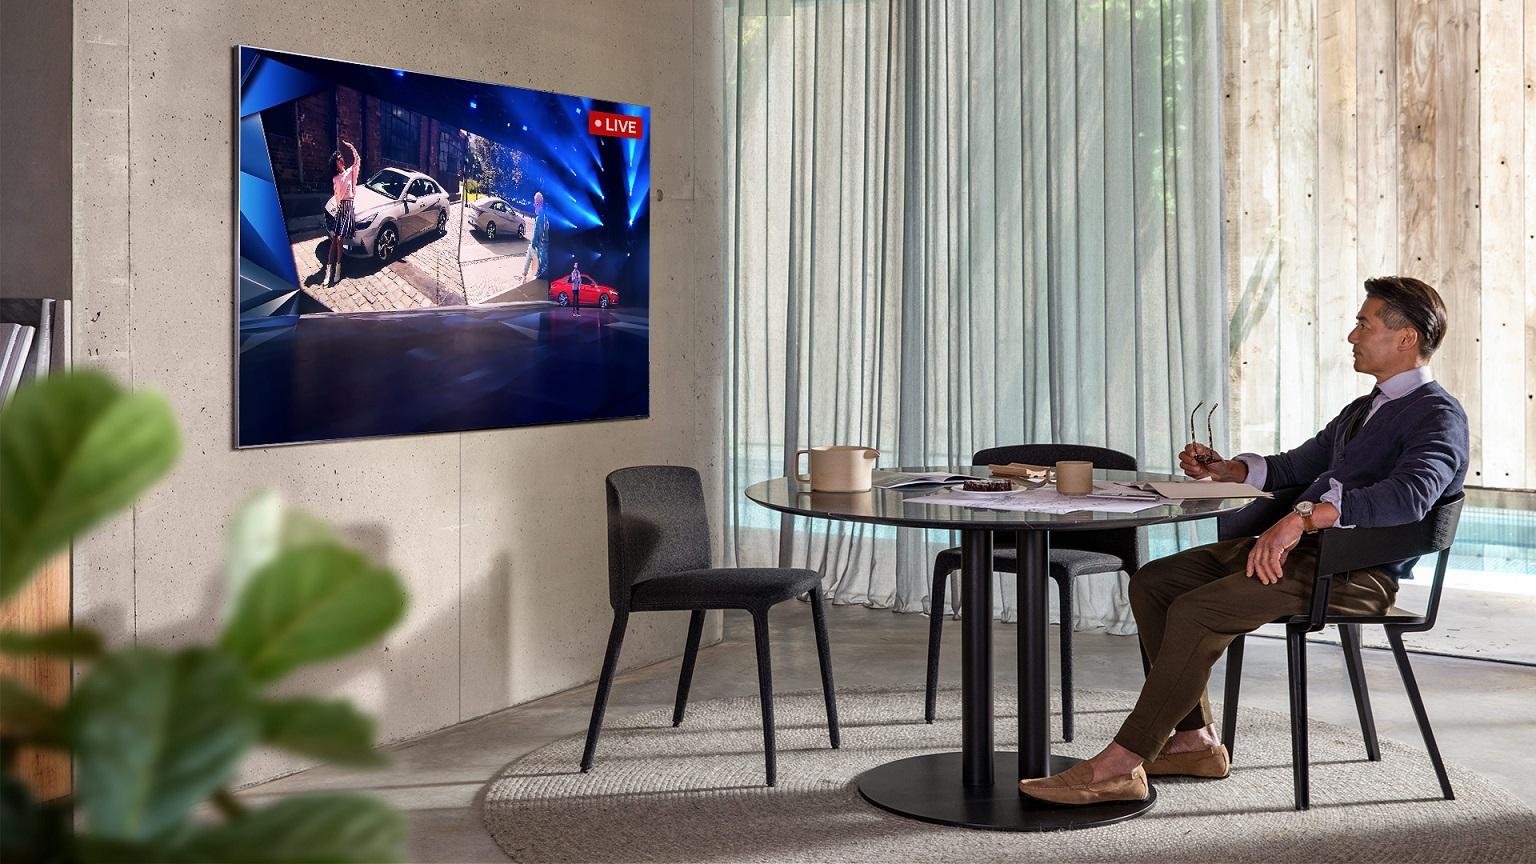 Arriva Channel Hyundai in TV con nuovi canali tematici - Quotidiano Motori